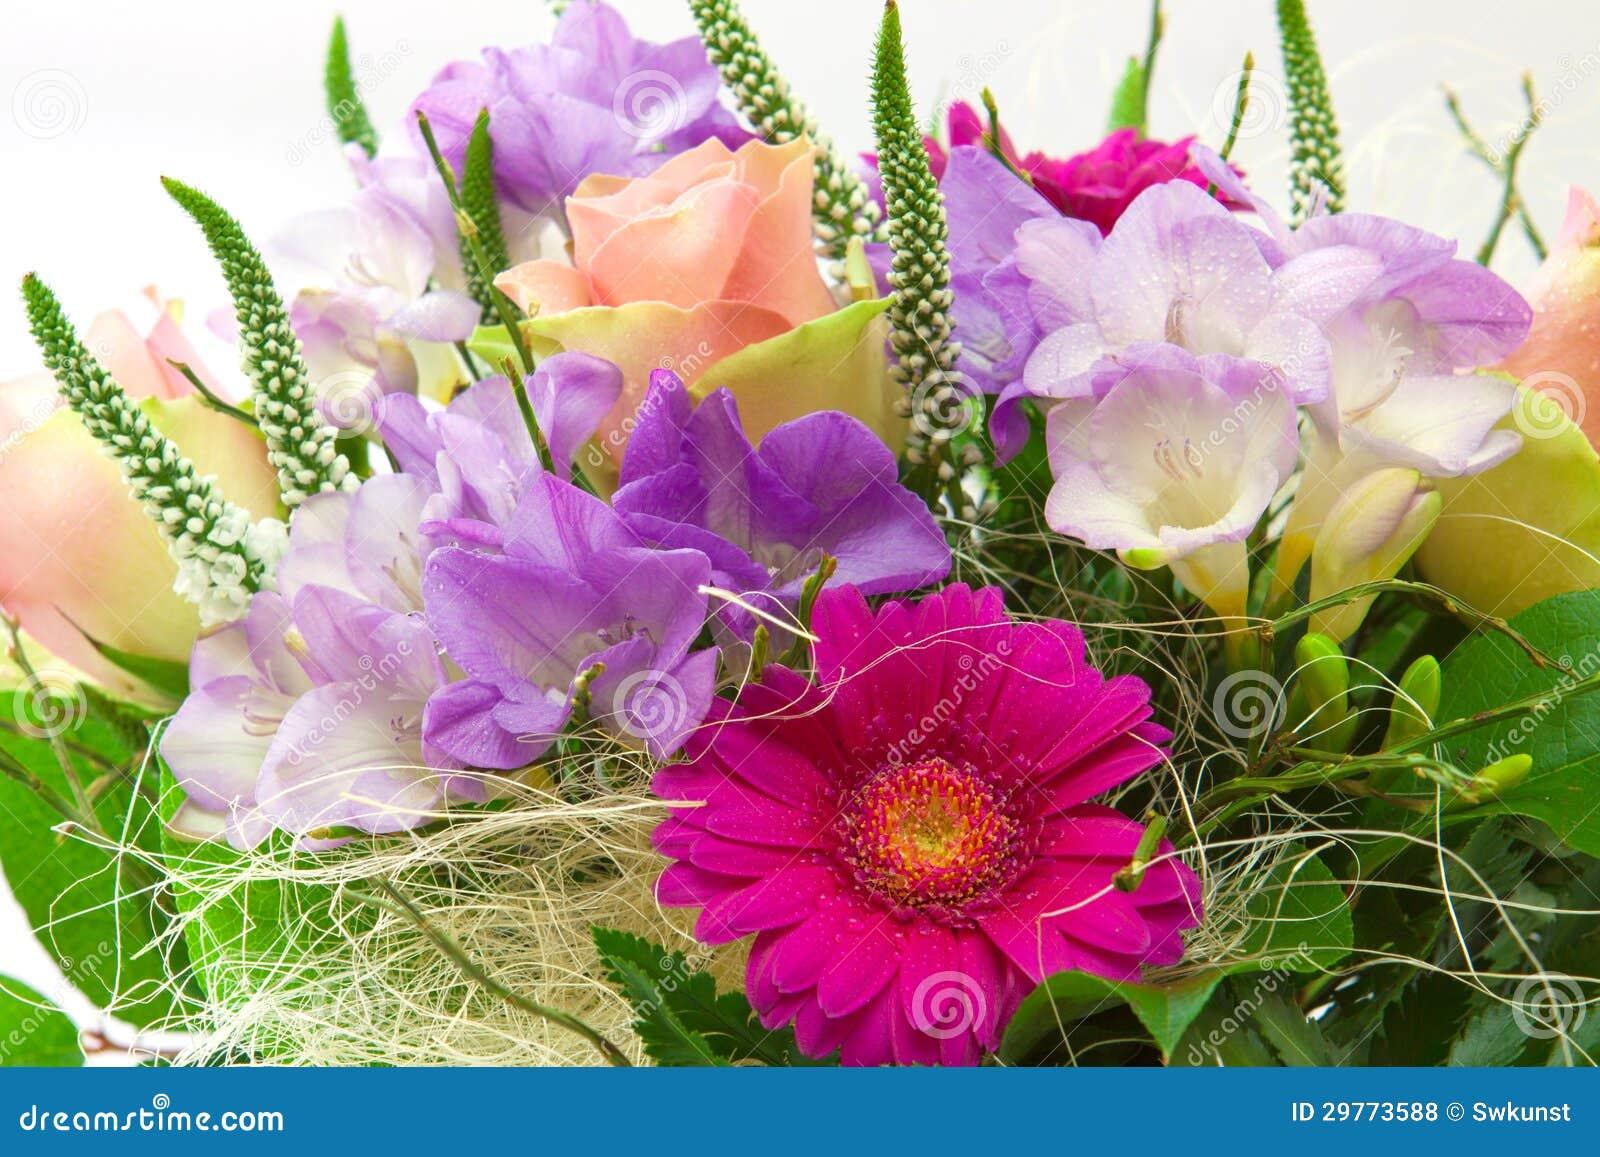 Colorful flower bouquet stock photo image of gerbera for Bouquet de fleurs homme